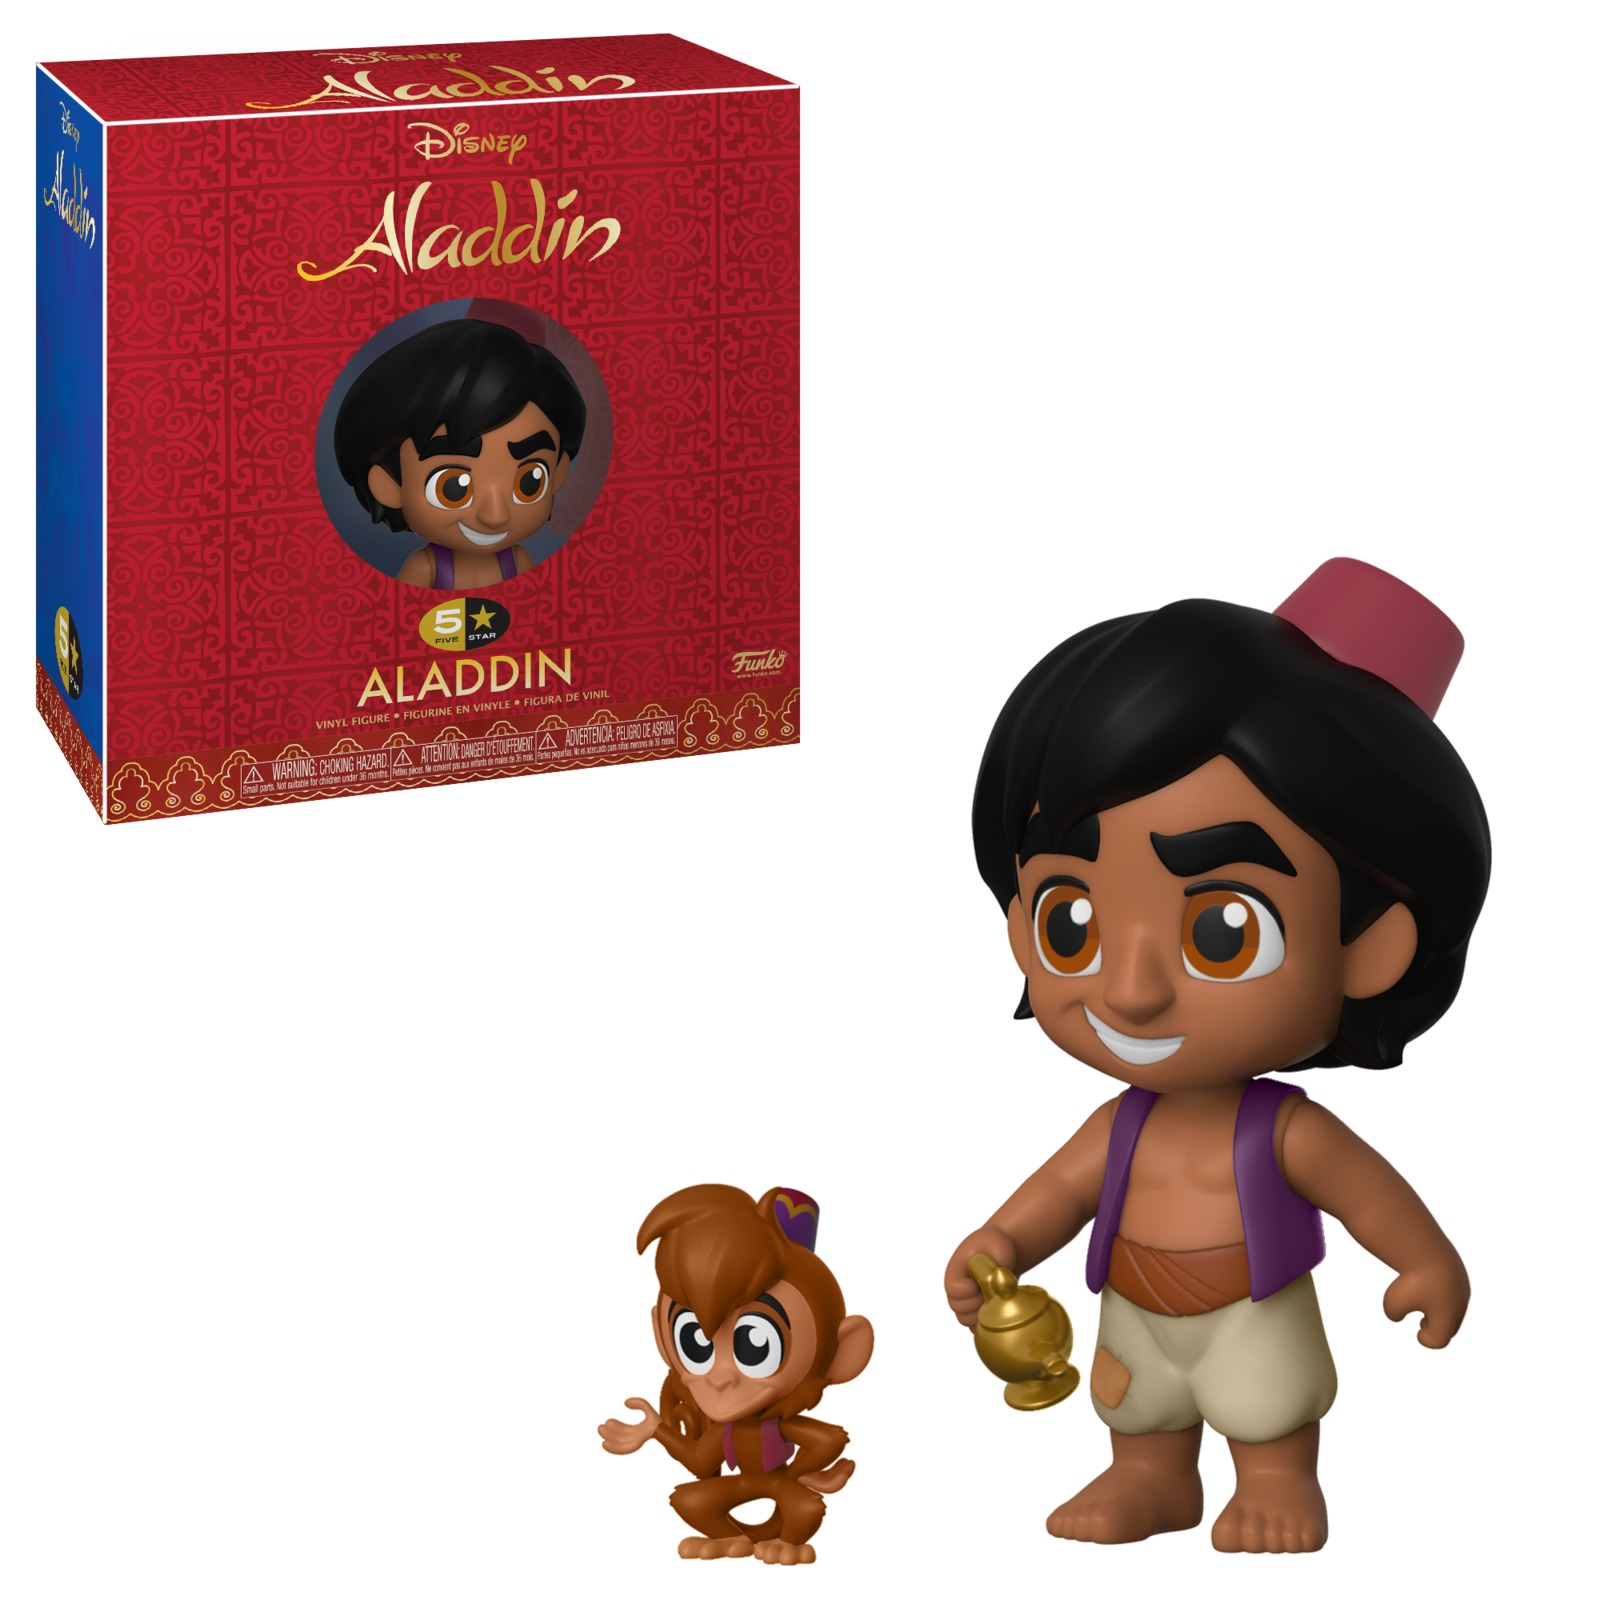 Aladdin: Aladdin with Abu - 5-Star Vinyl Figure image